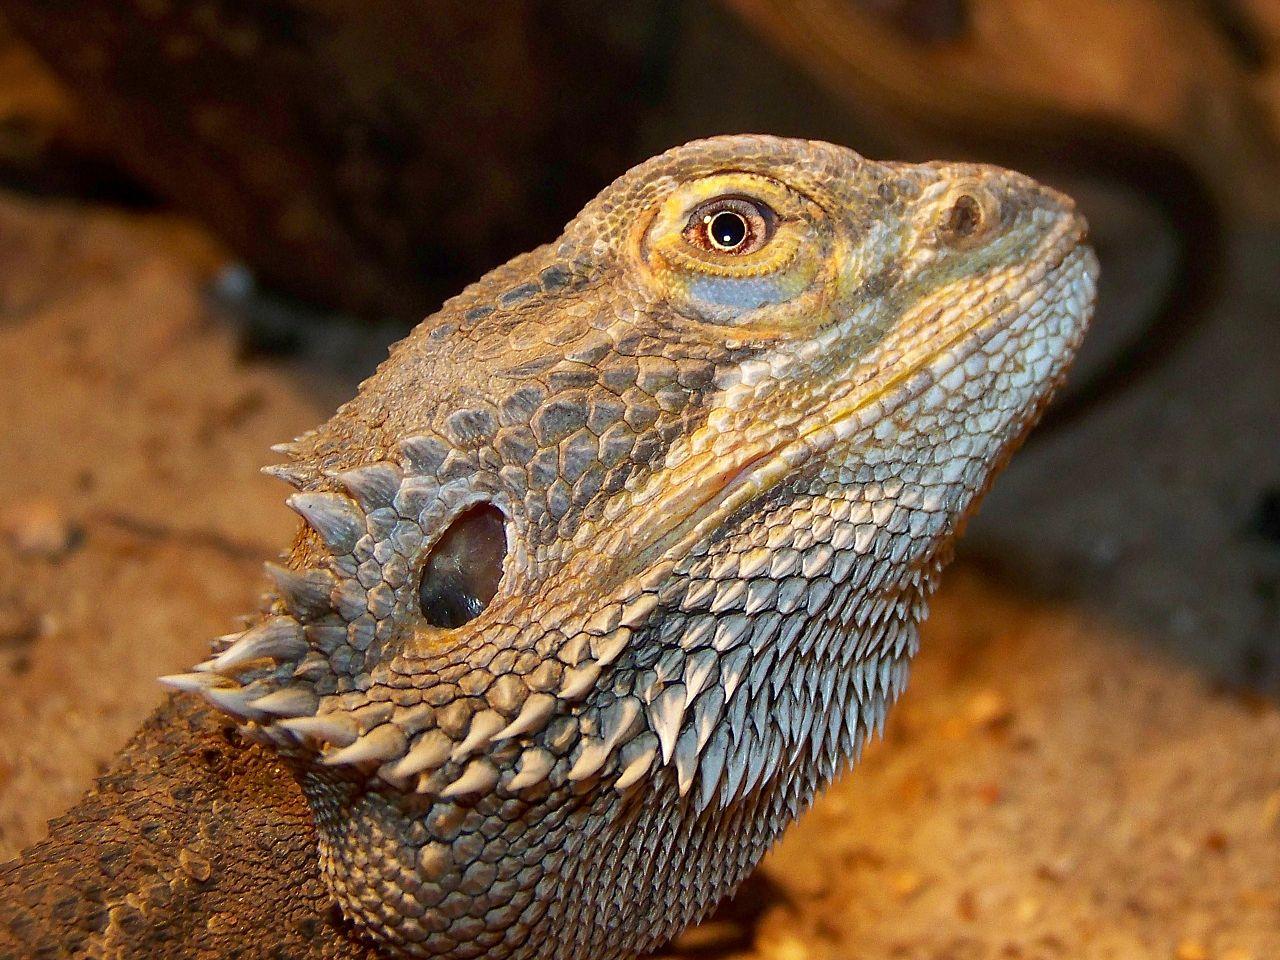 soñar con reptiles y anfibios